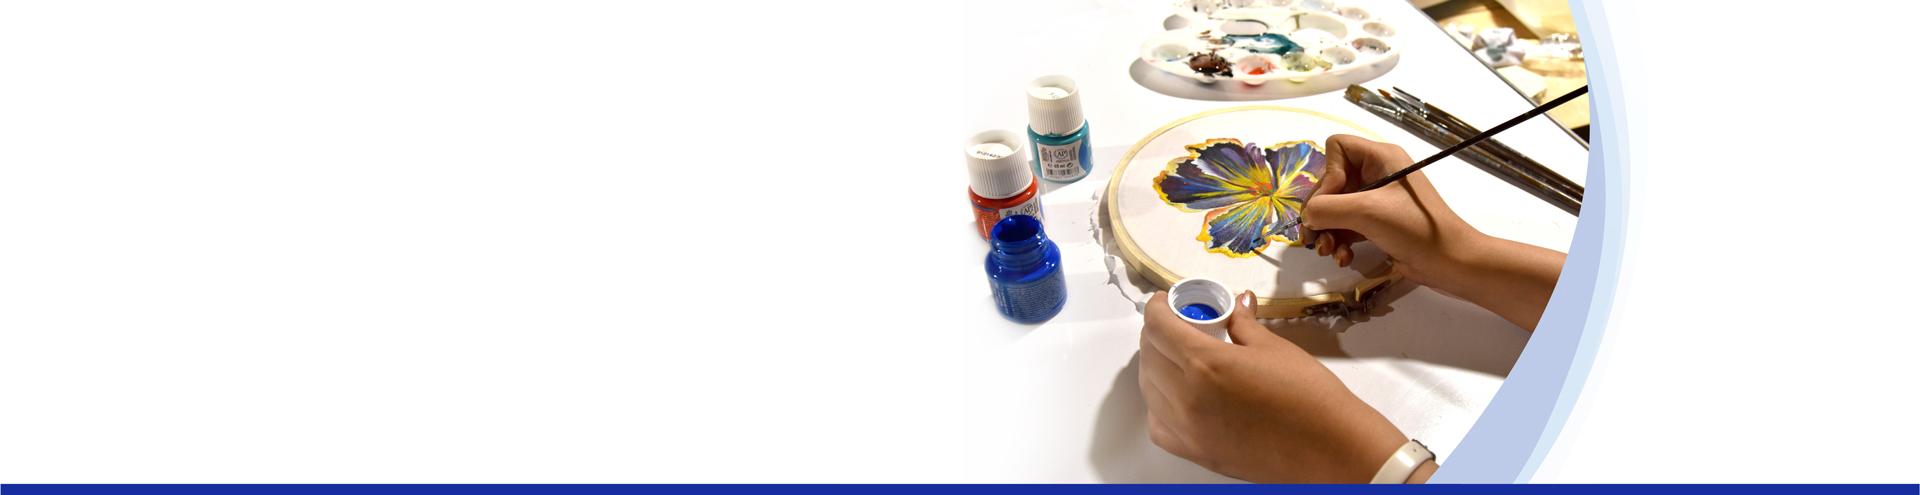 batik slider 8 - آموزش چاپ باتیک ، آموزش چاپ دستی